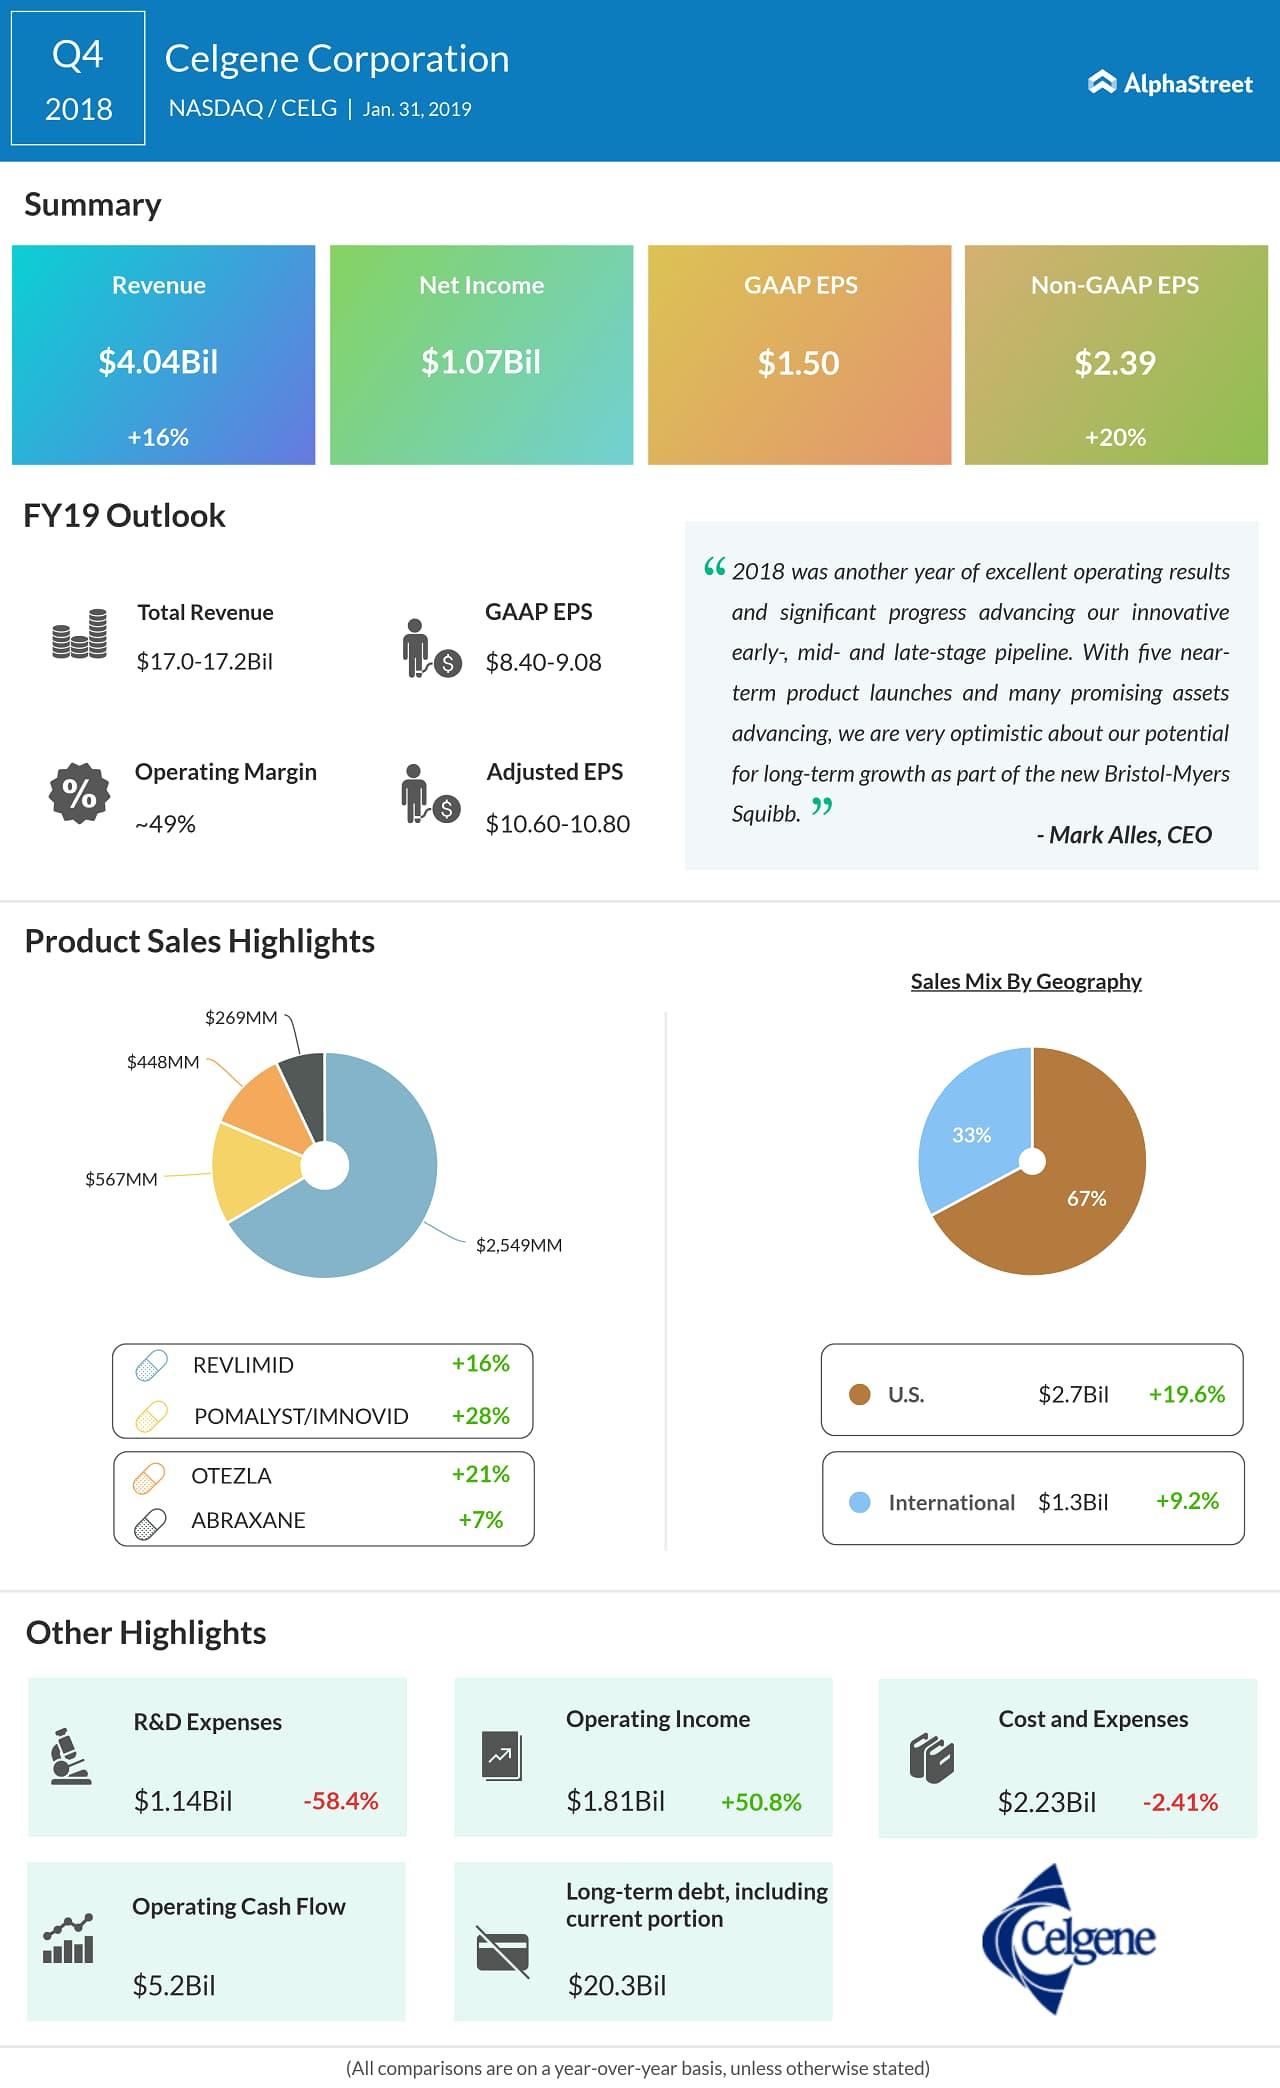 Celgene fourth quarter 2018 earnings snapshot